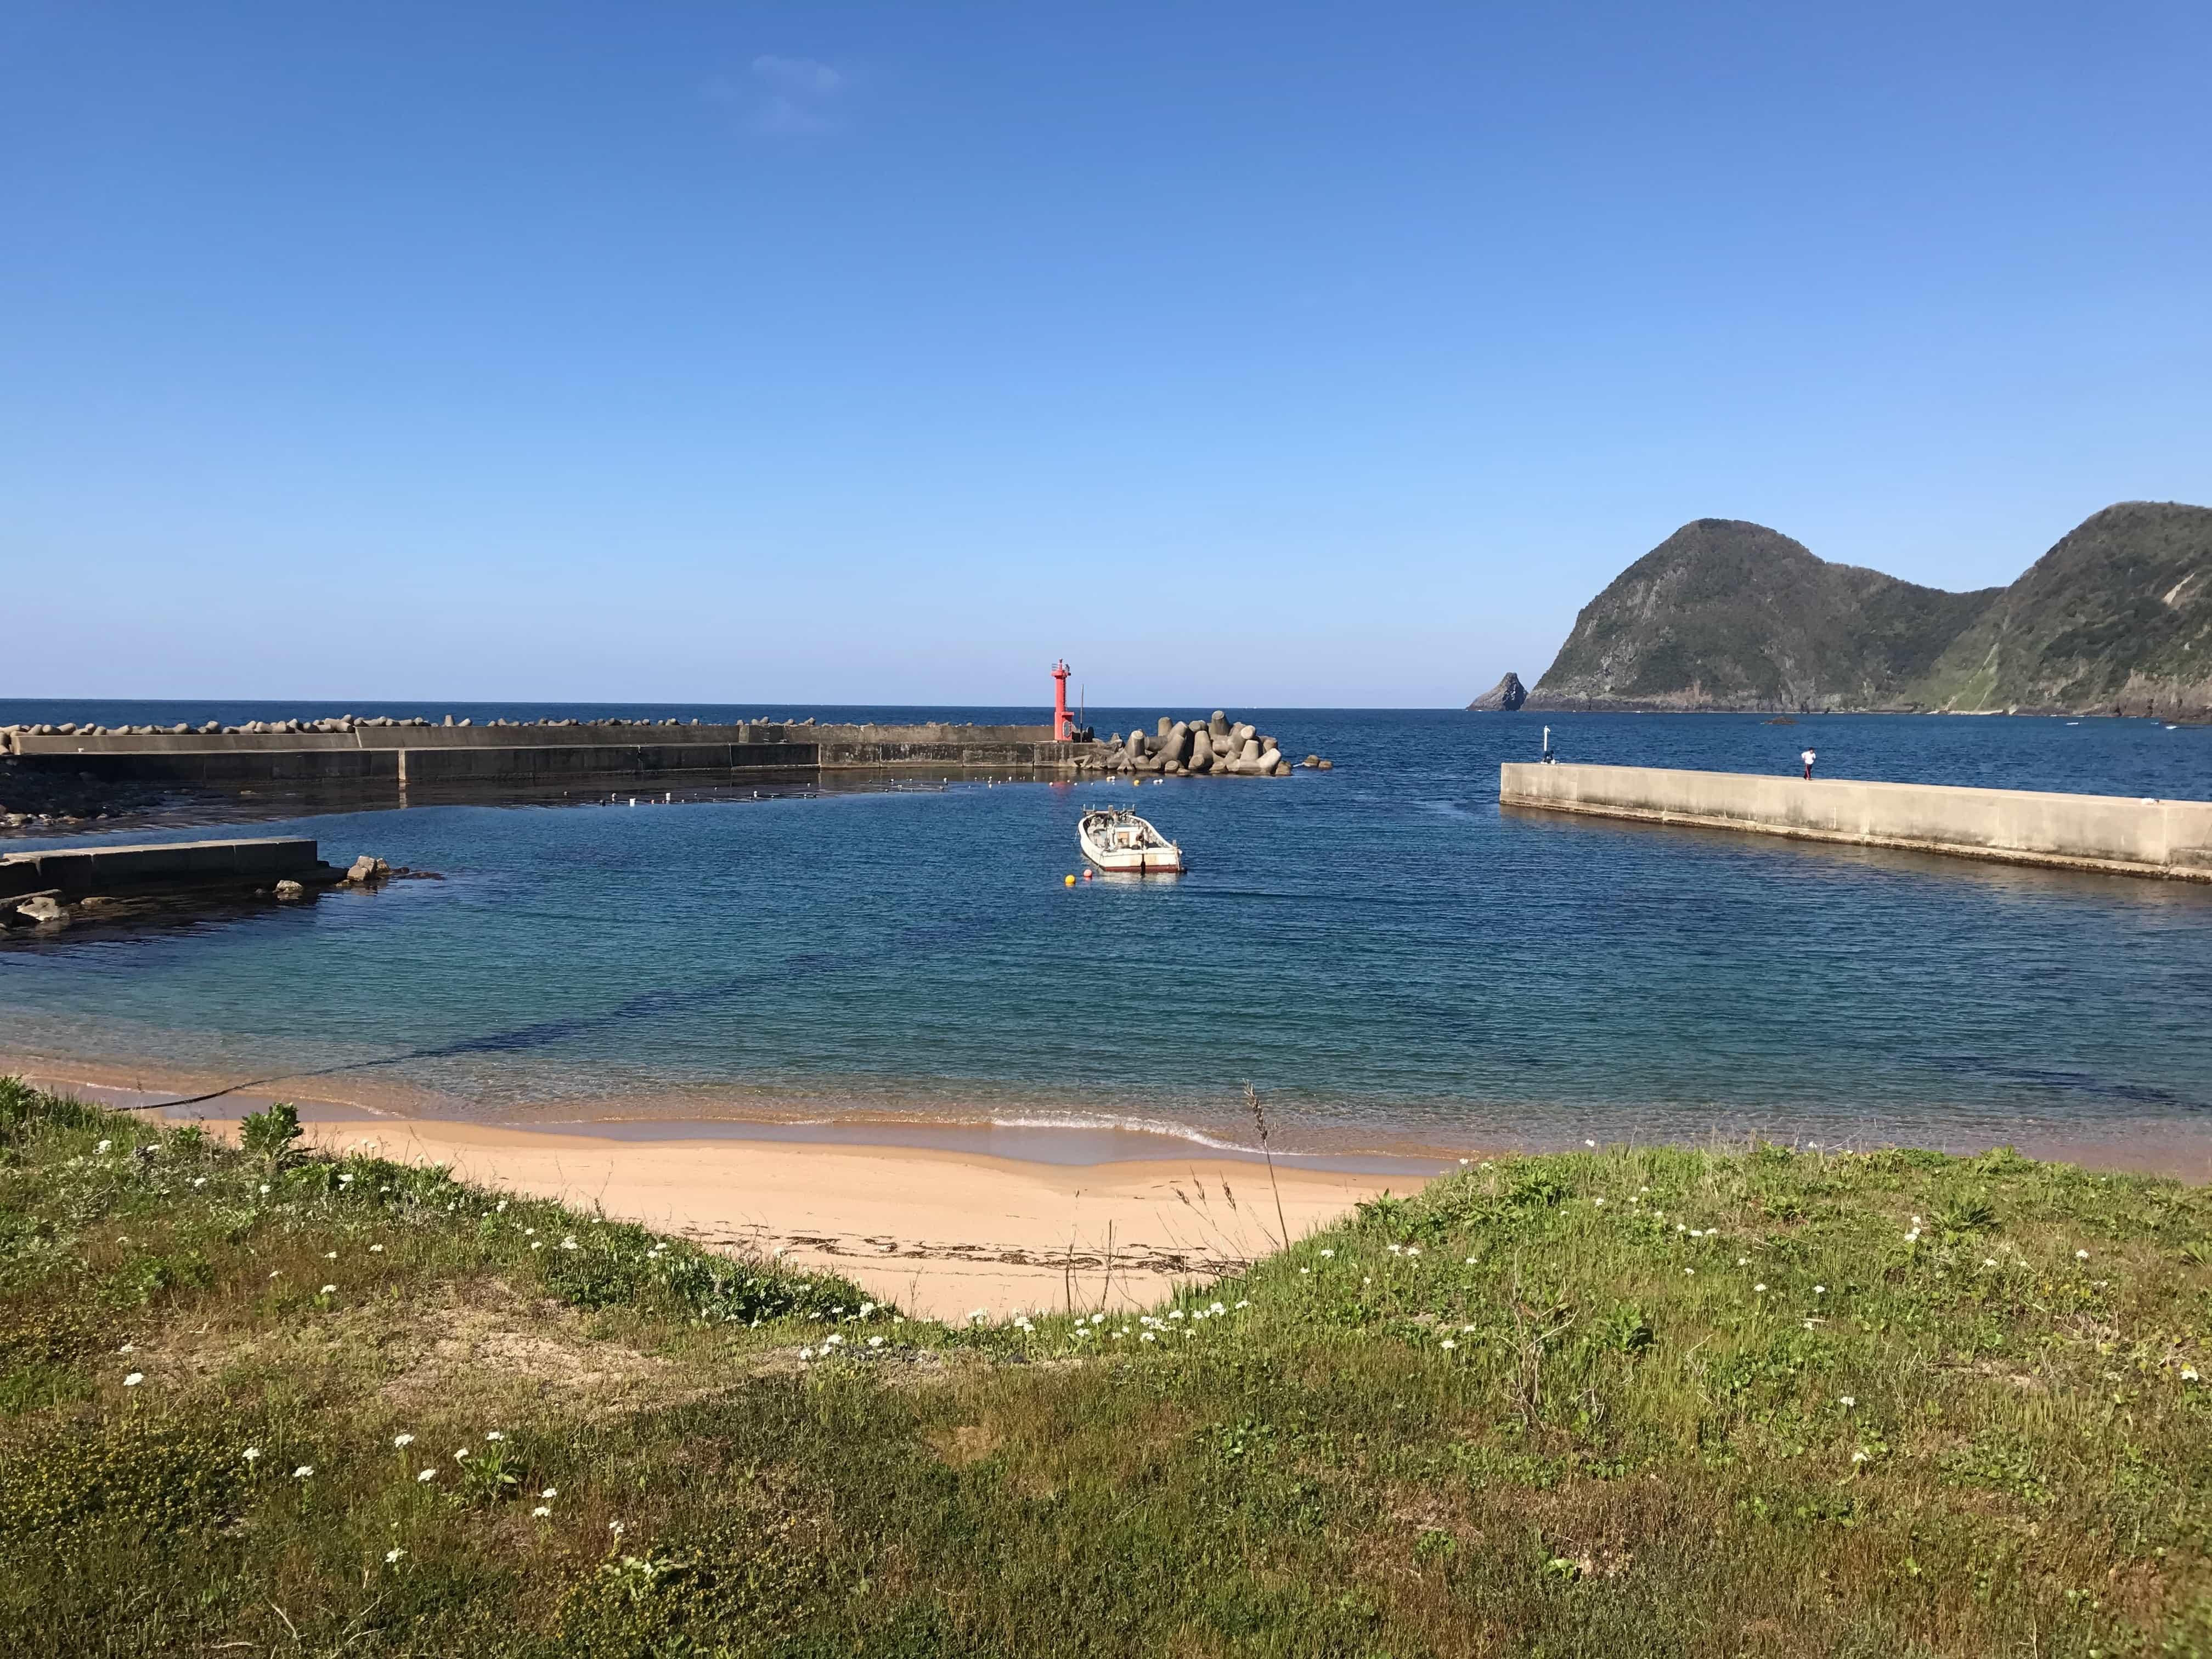 竹野漁港の釣り場紹介(京都丹後)お手軽エギング・ショアジギングにオススメの地磯と堤防